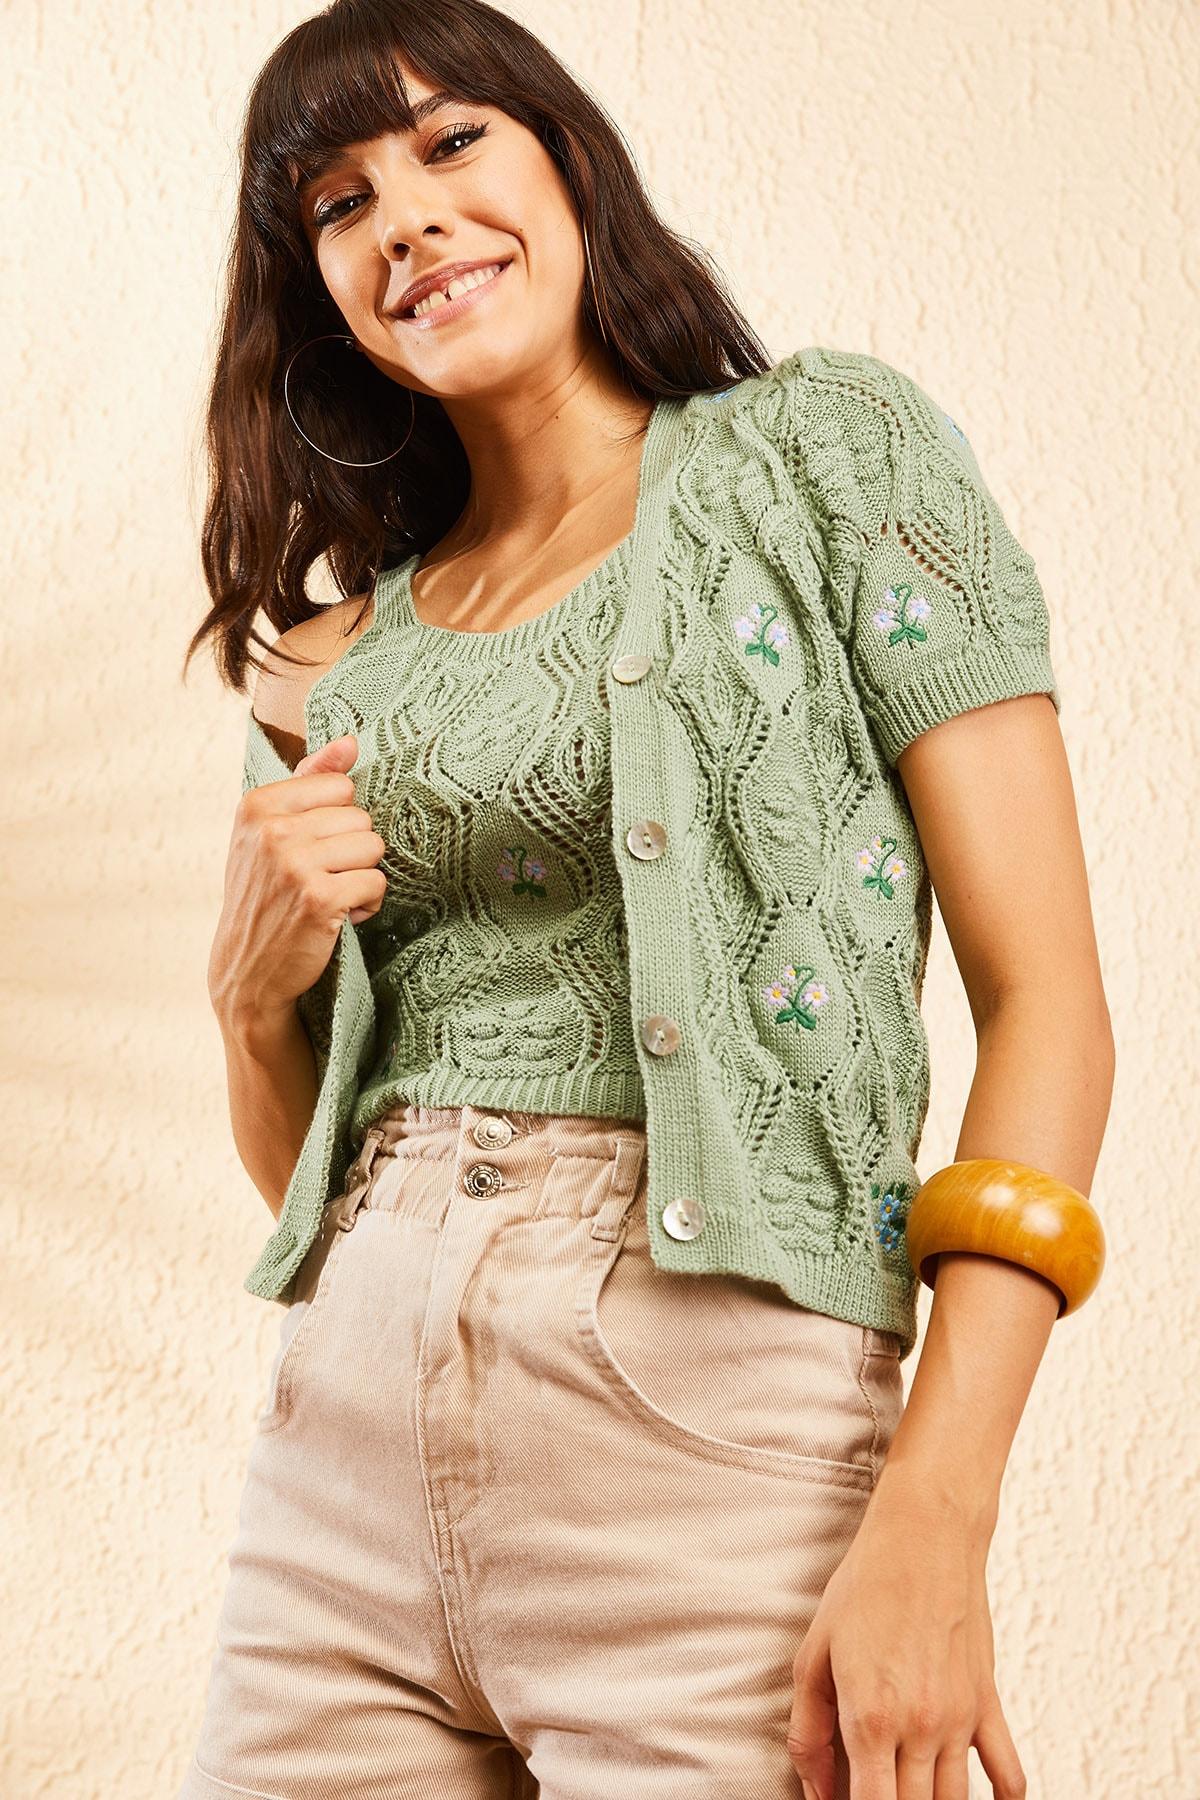 Bianco Lucci Kadın Çağla Yeşili Kadın Nakış İşlemeli Hırka ve Crop Top Bluz Triko Takım 10101032 3